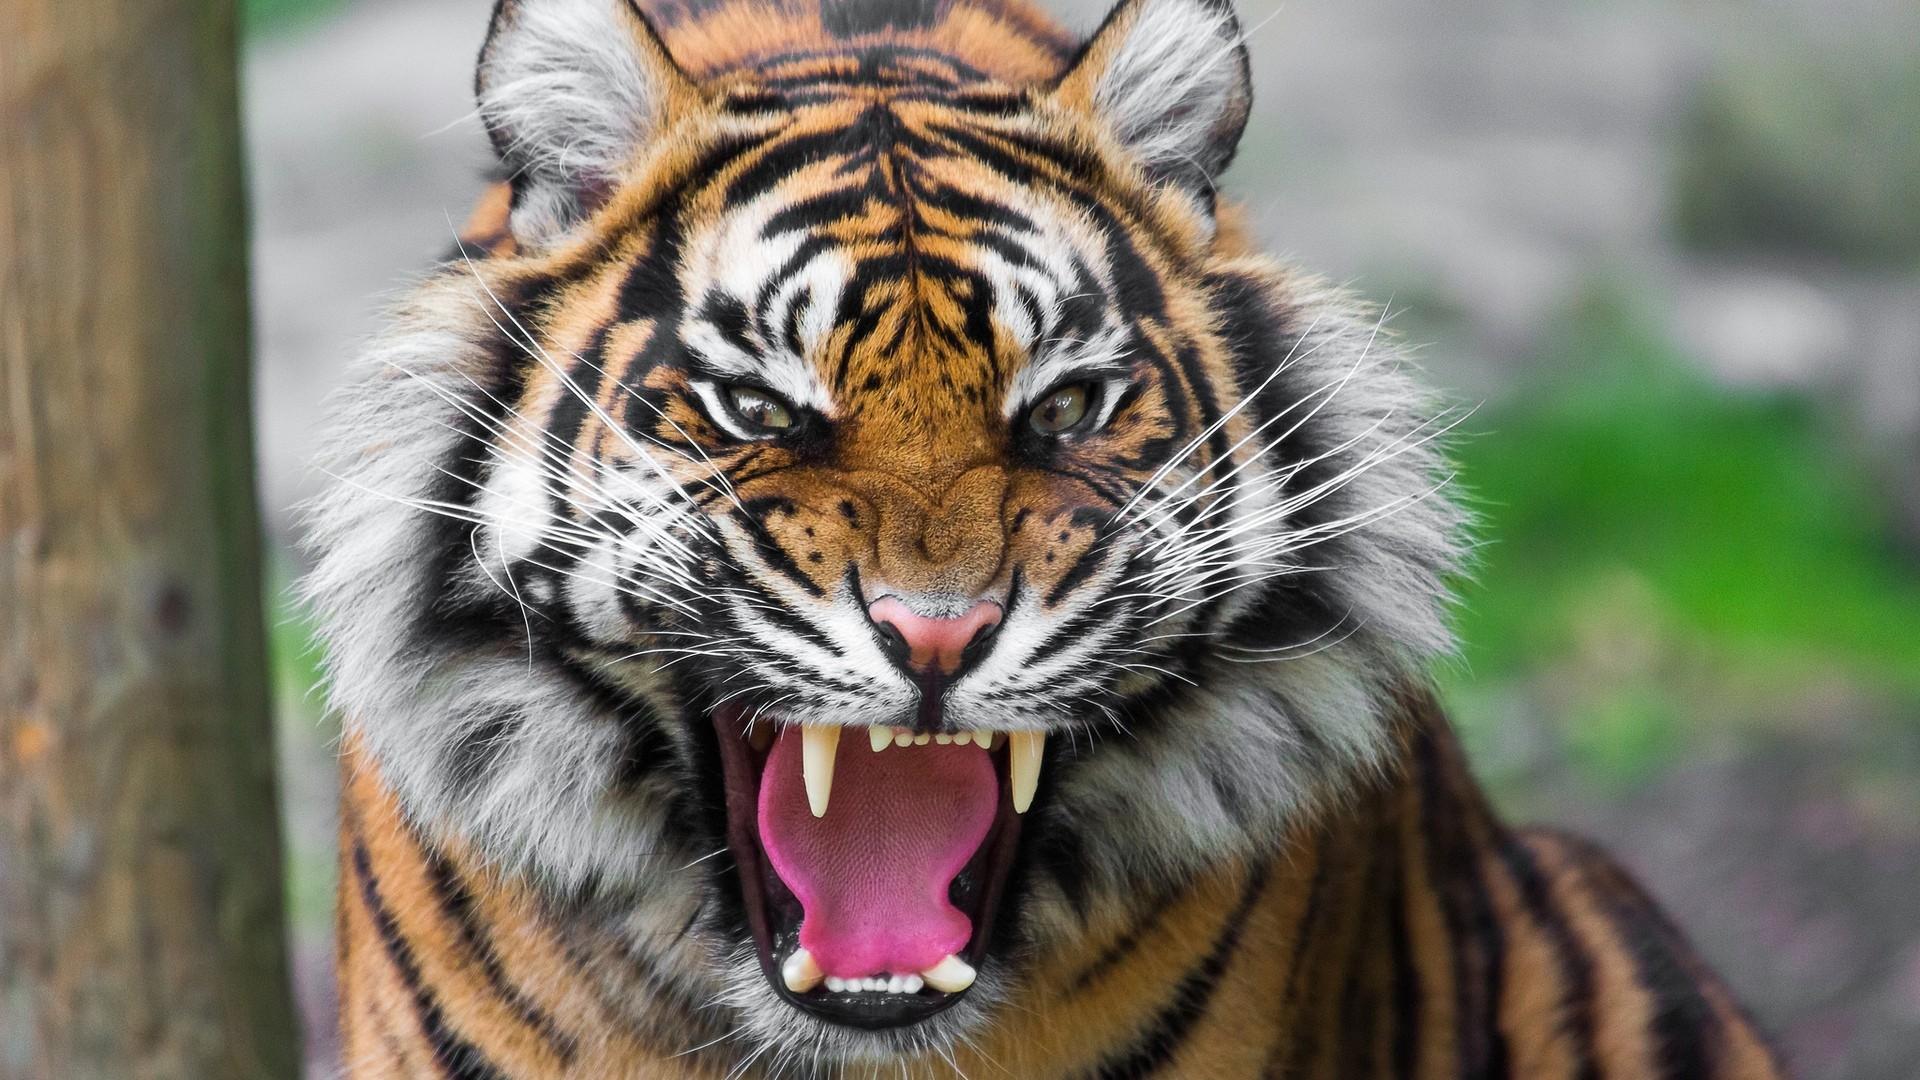 1920x1080 tiger wallpaper full hd (65+ images)